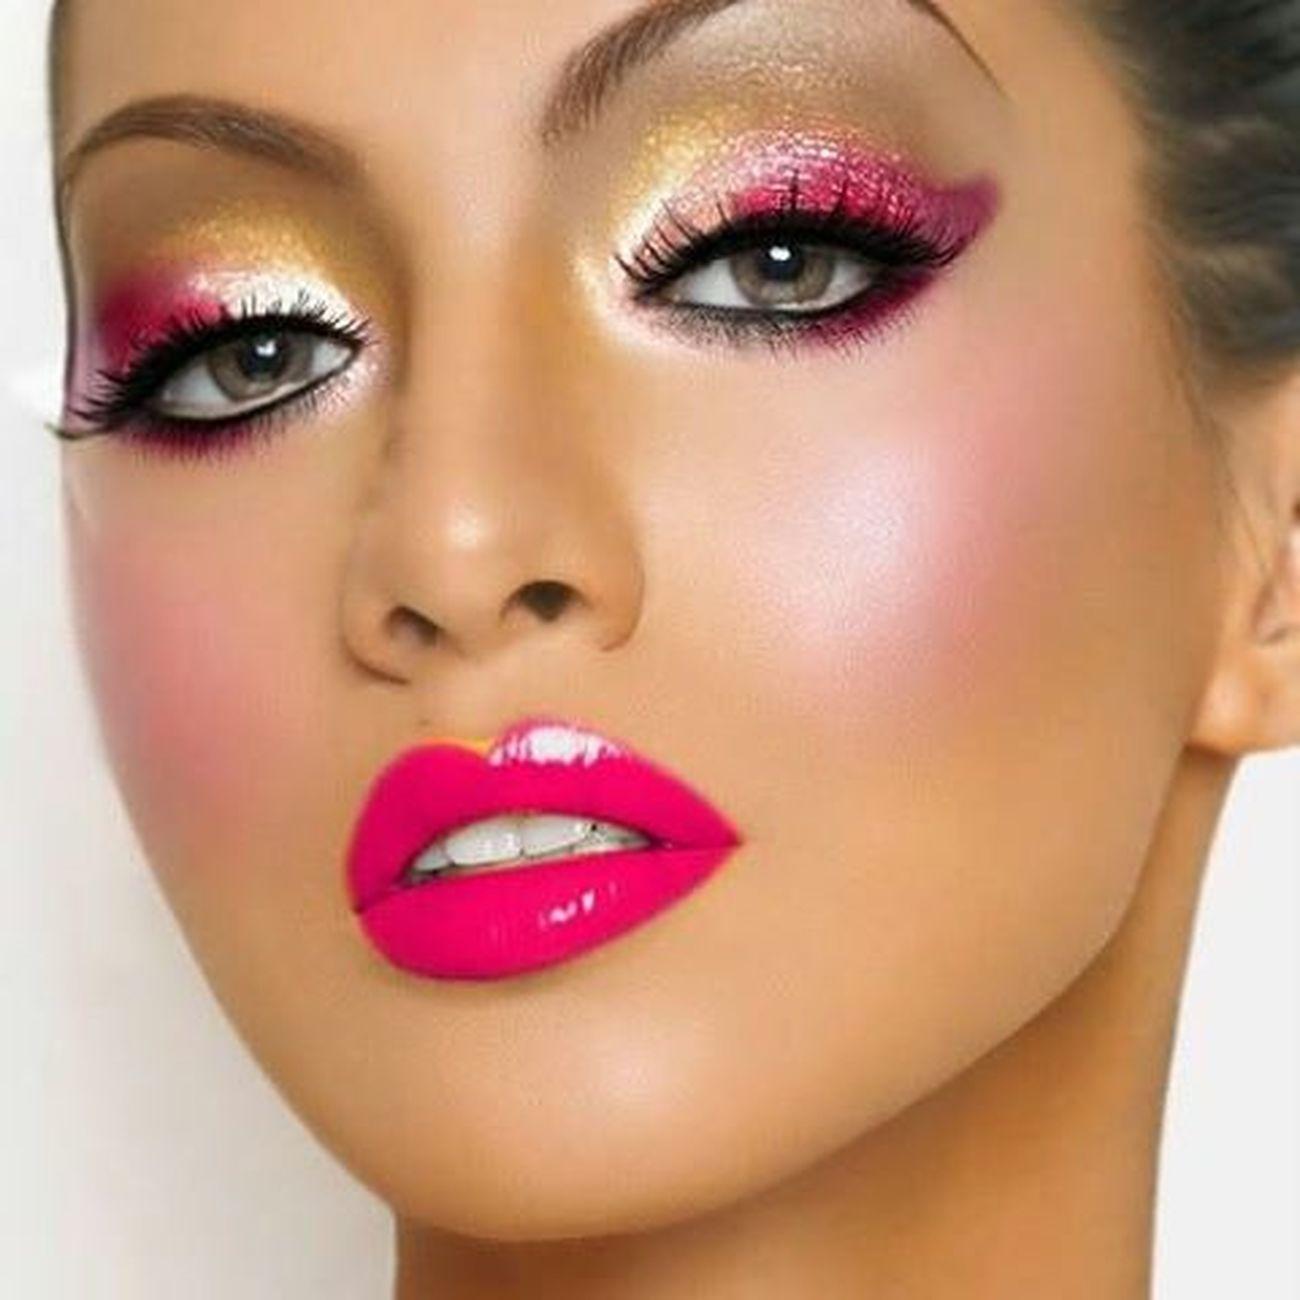 Makeup Pinkcheeks Pinkmakeup Eyeandlips Eyemakeup Eyecolor Lips Lipstick Lipcolor blush Pinklips Pinkeyemakeup Pinkeyes